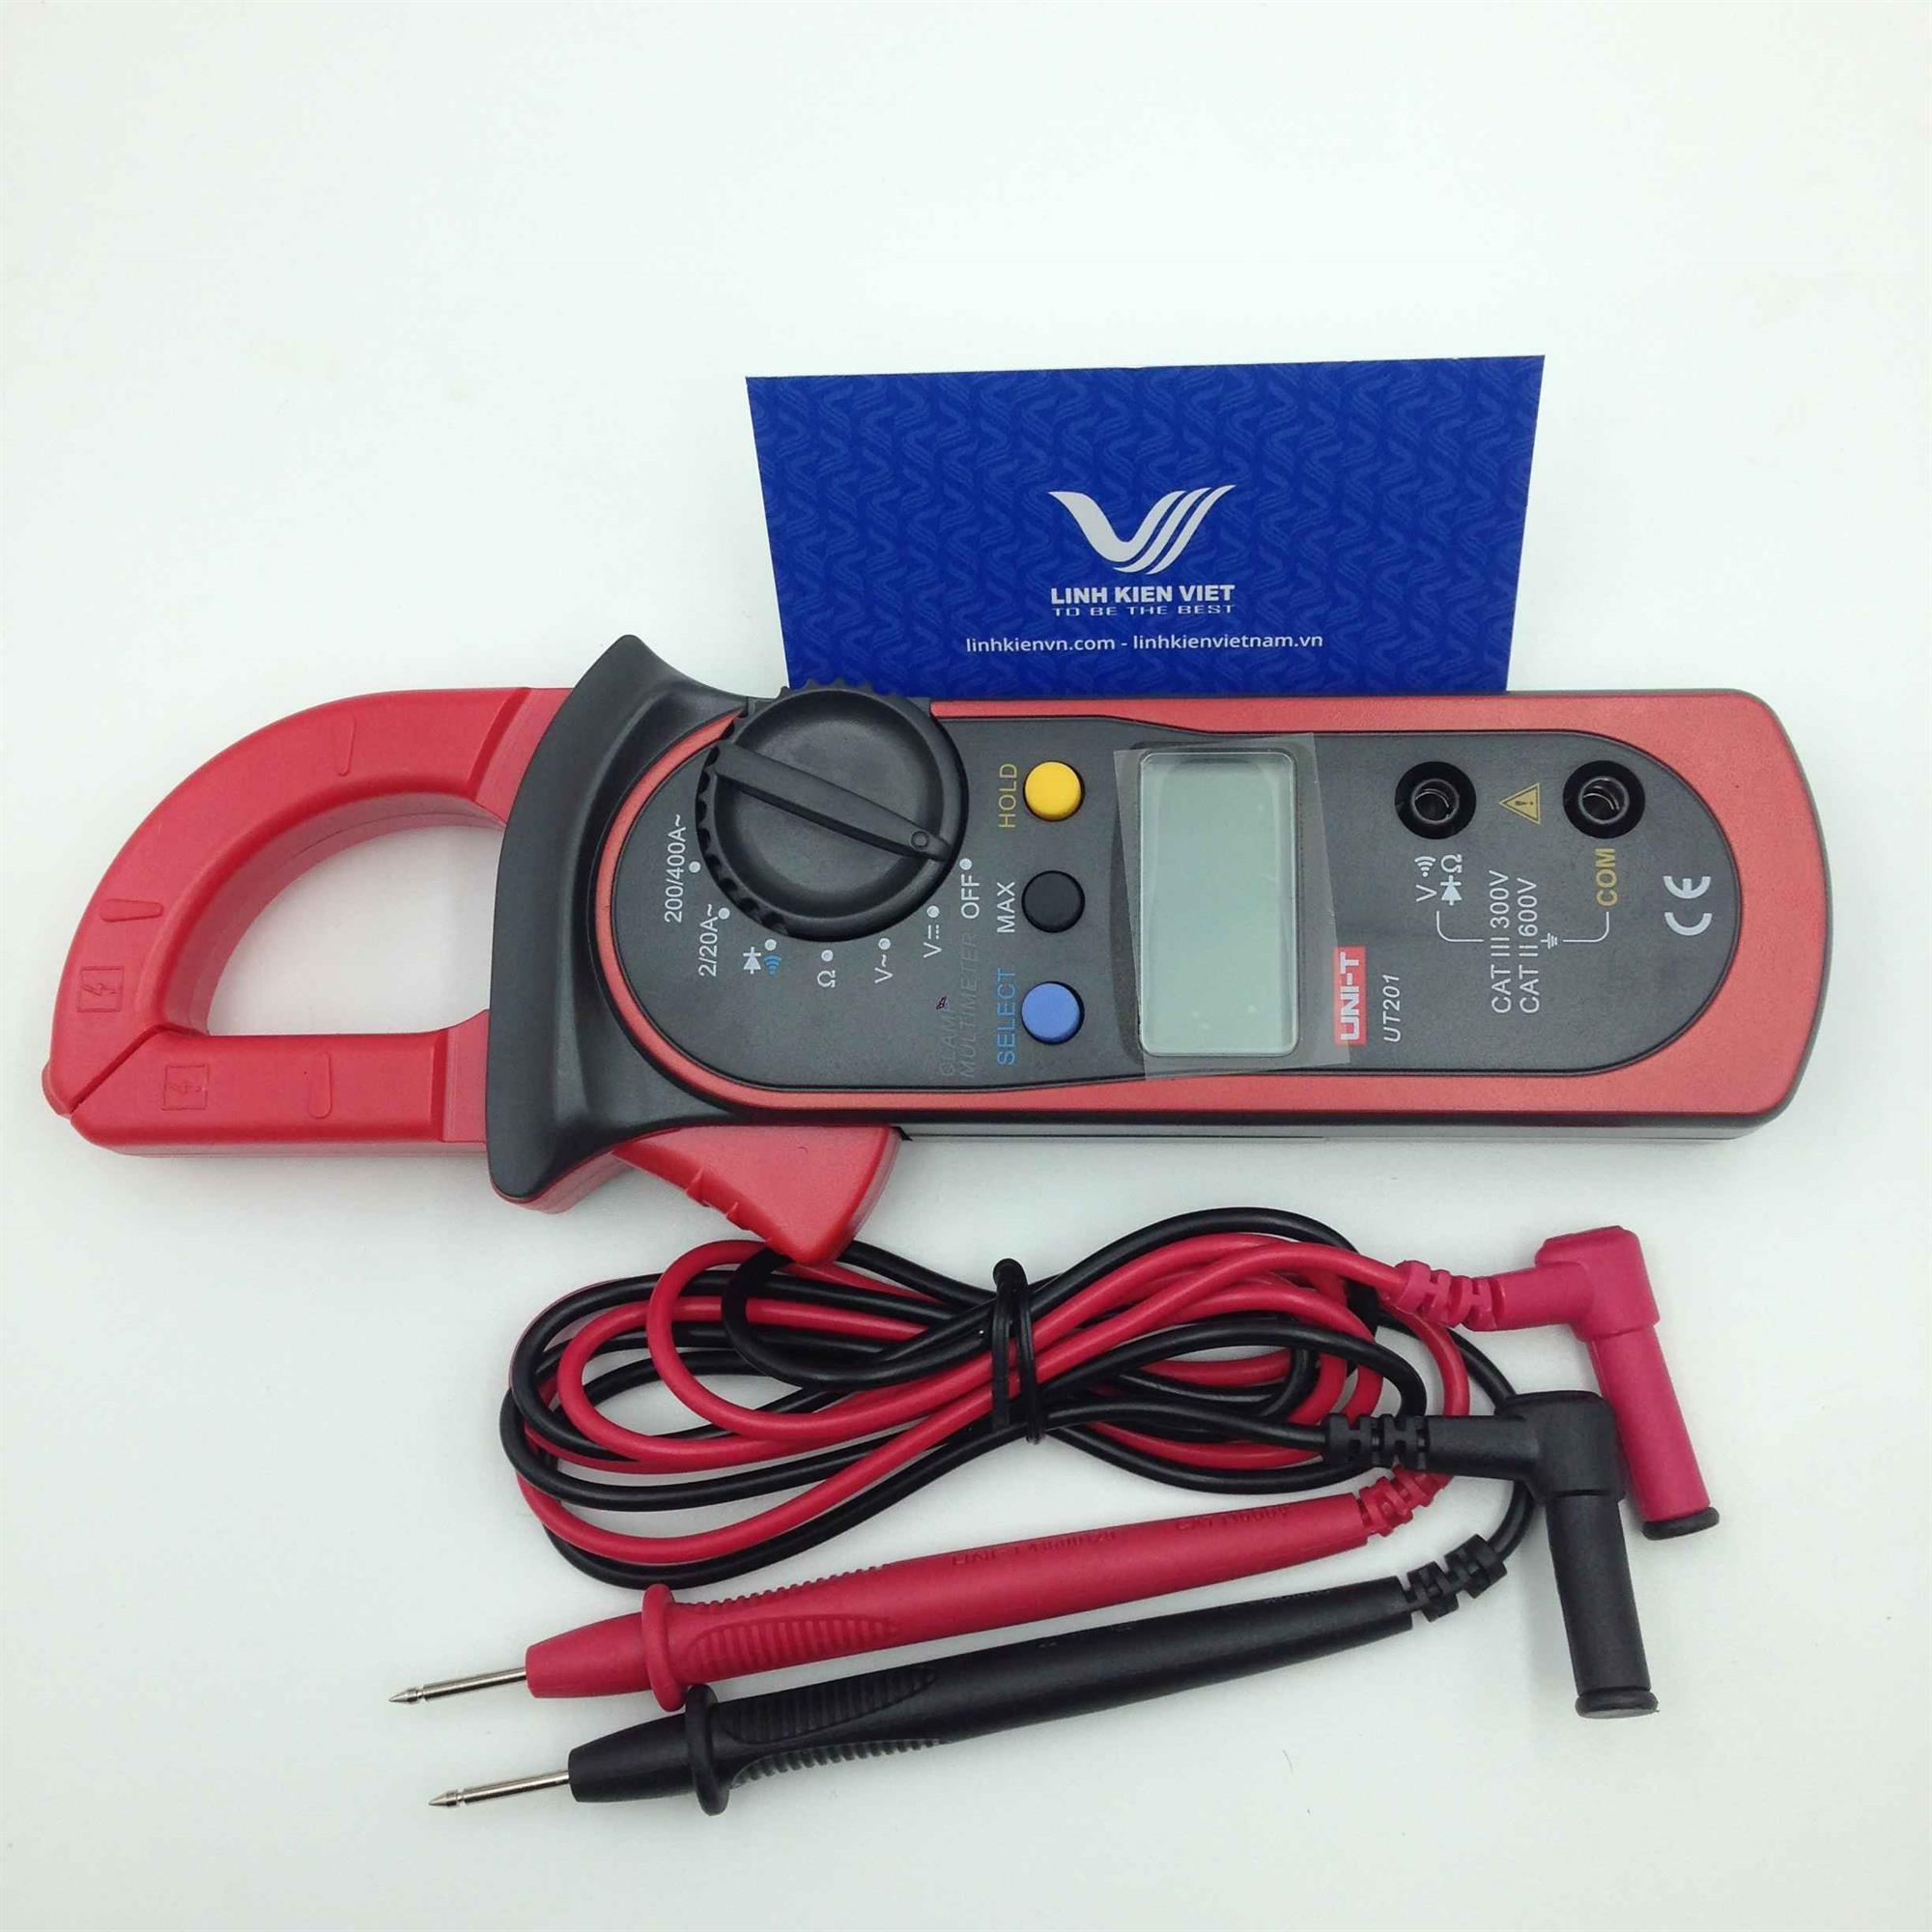 Đồng hồ vạn năng Uni-T UT201 - Ampe kìm / Kẹp dòng Uni-T UT201 / Kìm kẹp dòng điện Uni-T UT201